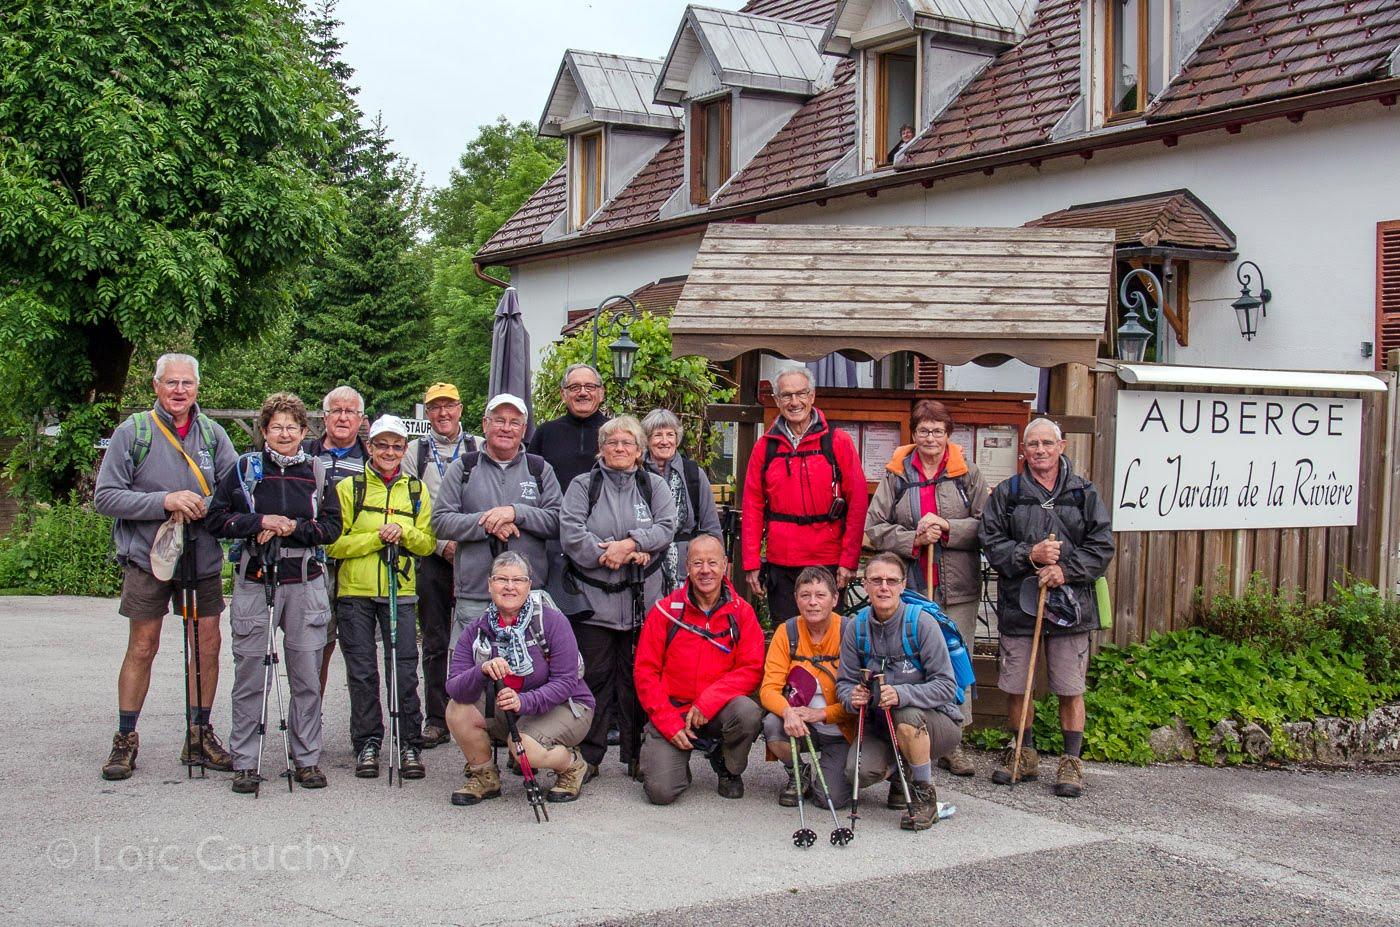 Les activit s sportives de christian foncine le haut bellefontaine gtj 23 5 km d 685 m - Hotel le jardin de la riviere foncine le haut ...